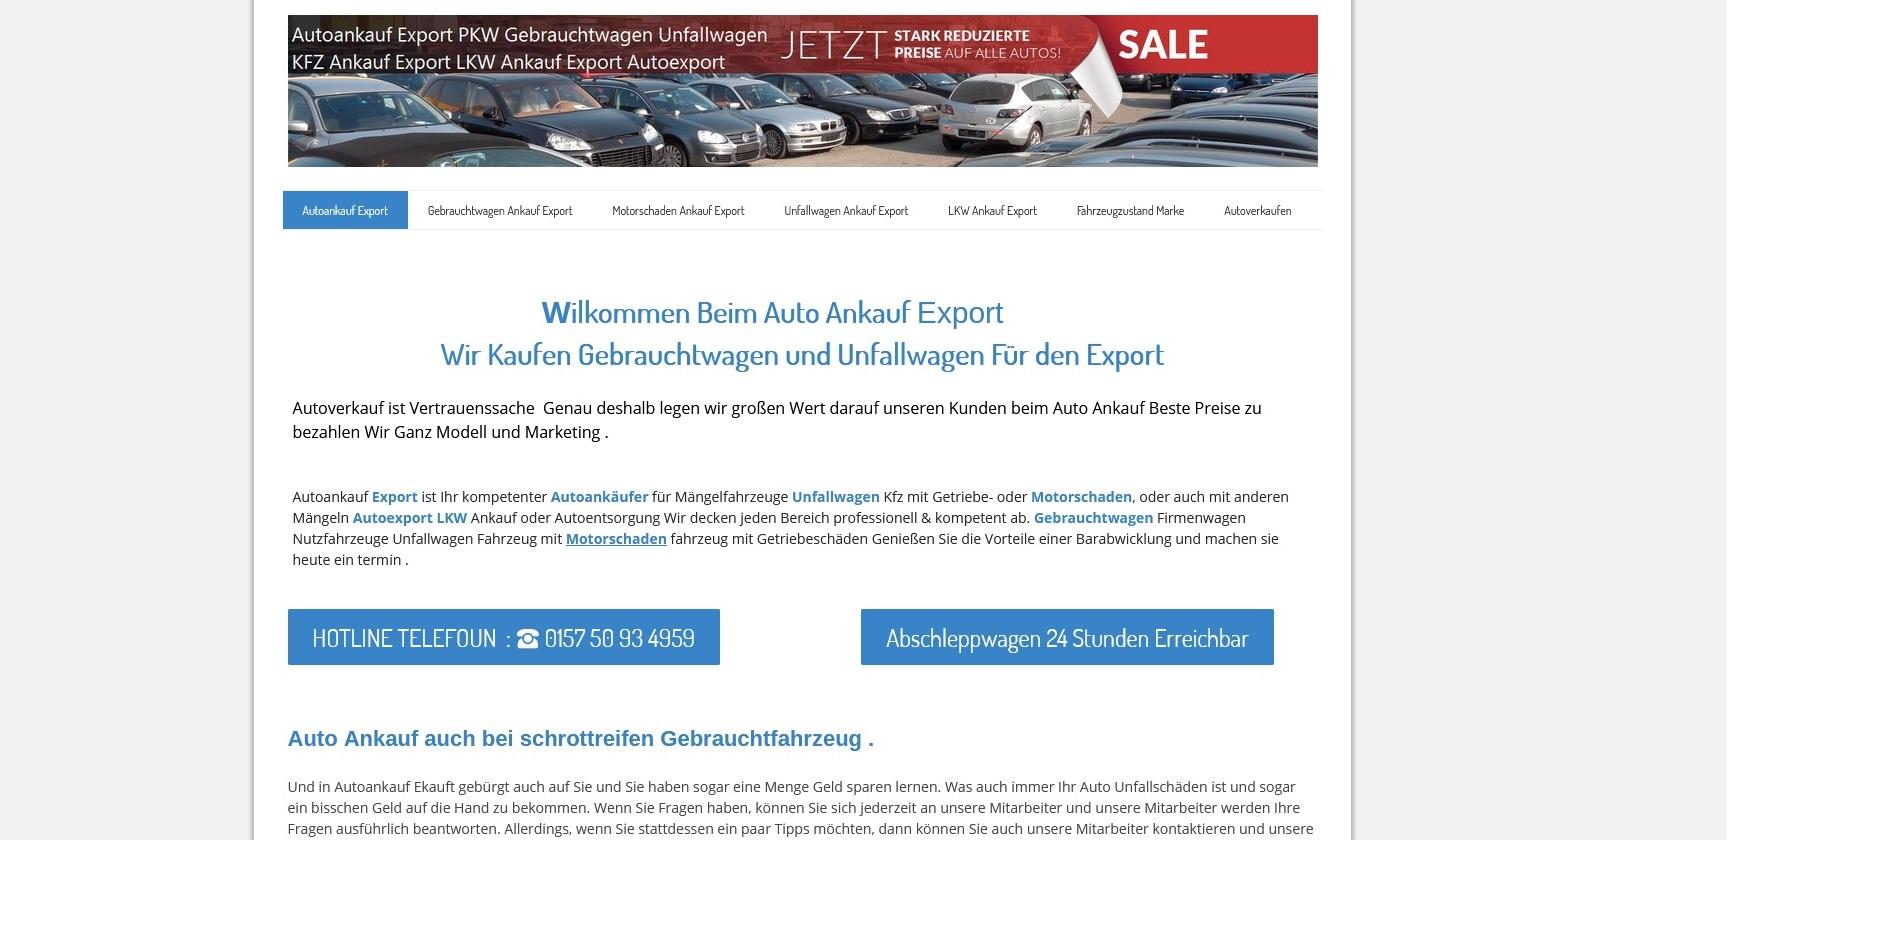 autoankauf emden ihr fahrzeug zum bestmoeglichen preis verkaufen - Autoankauf Emden: Ihr Fahrzeug zum bestmöglichen Preis verkaufen